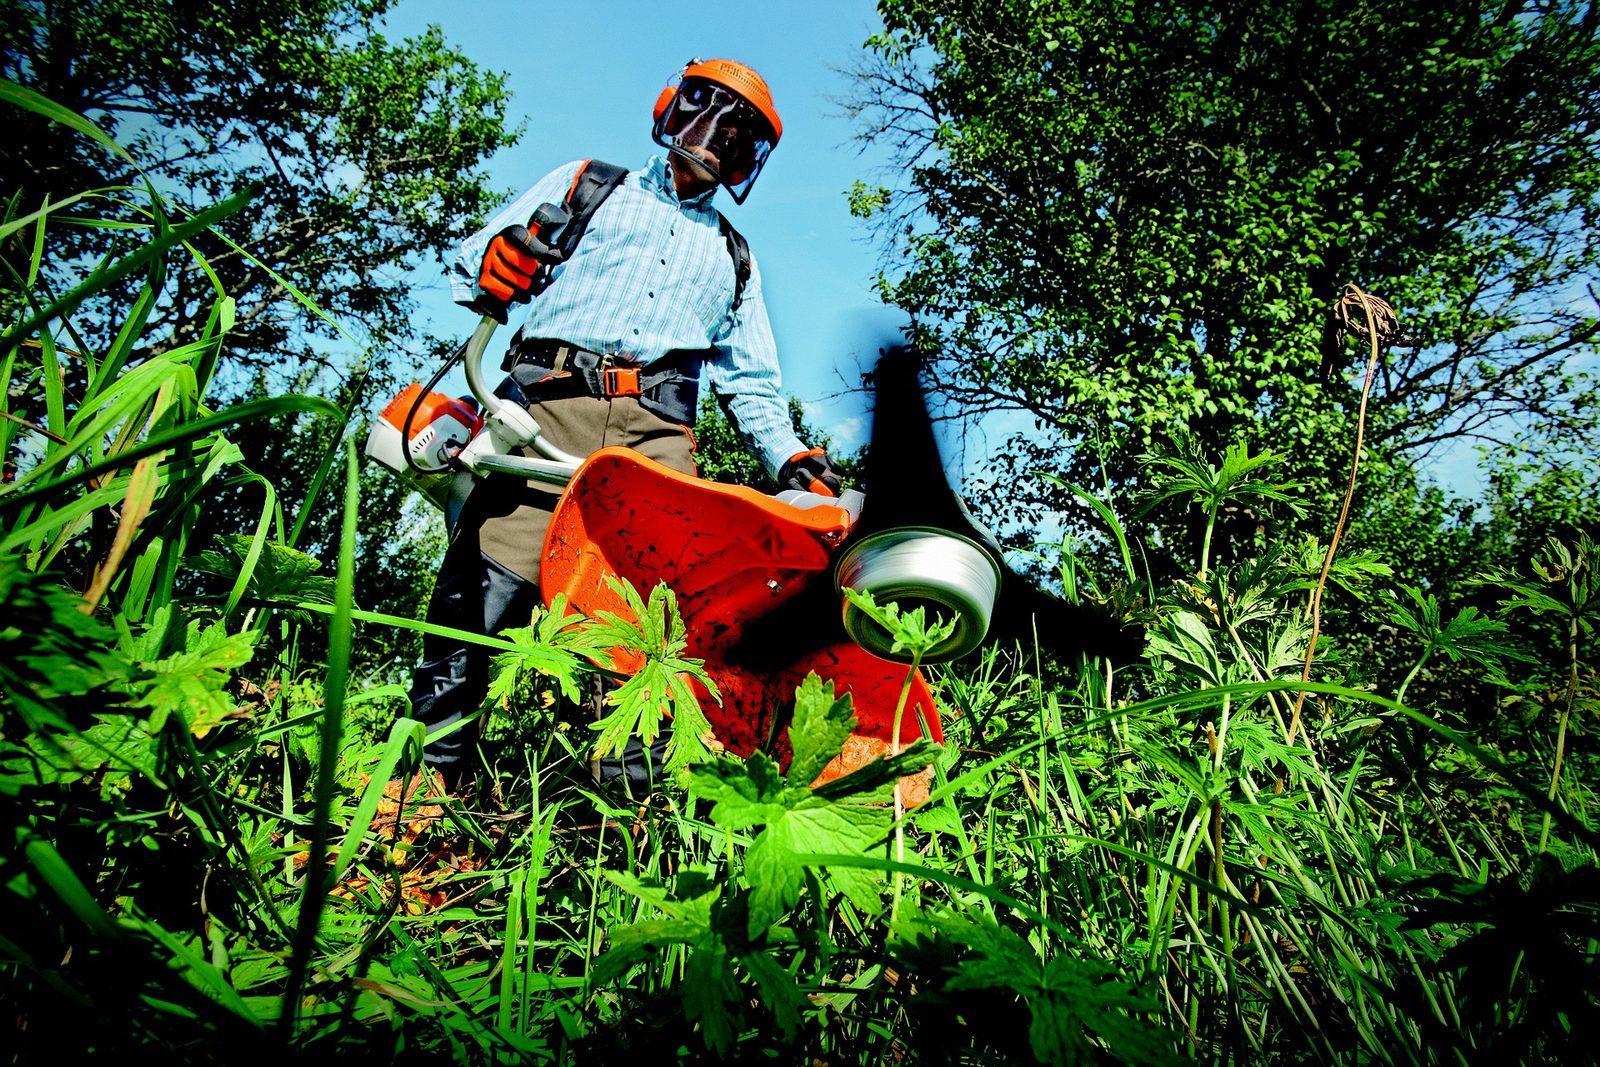 Medewerker groenonderhoud